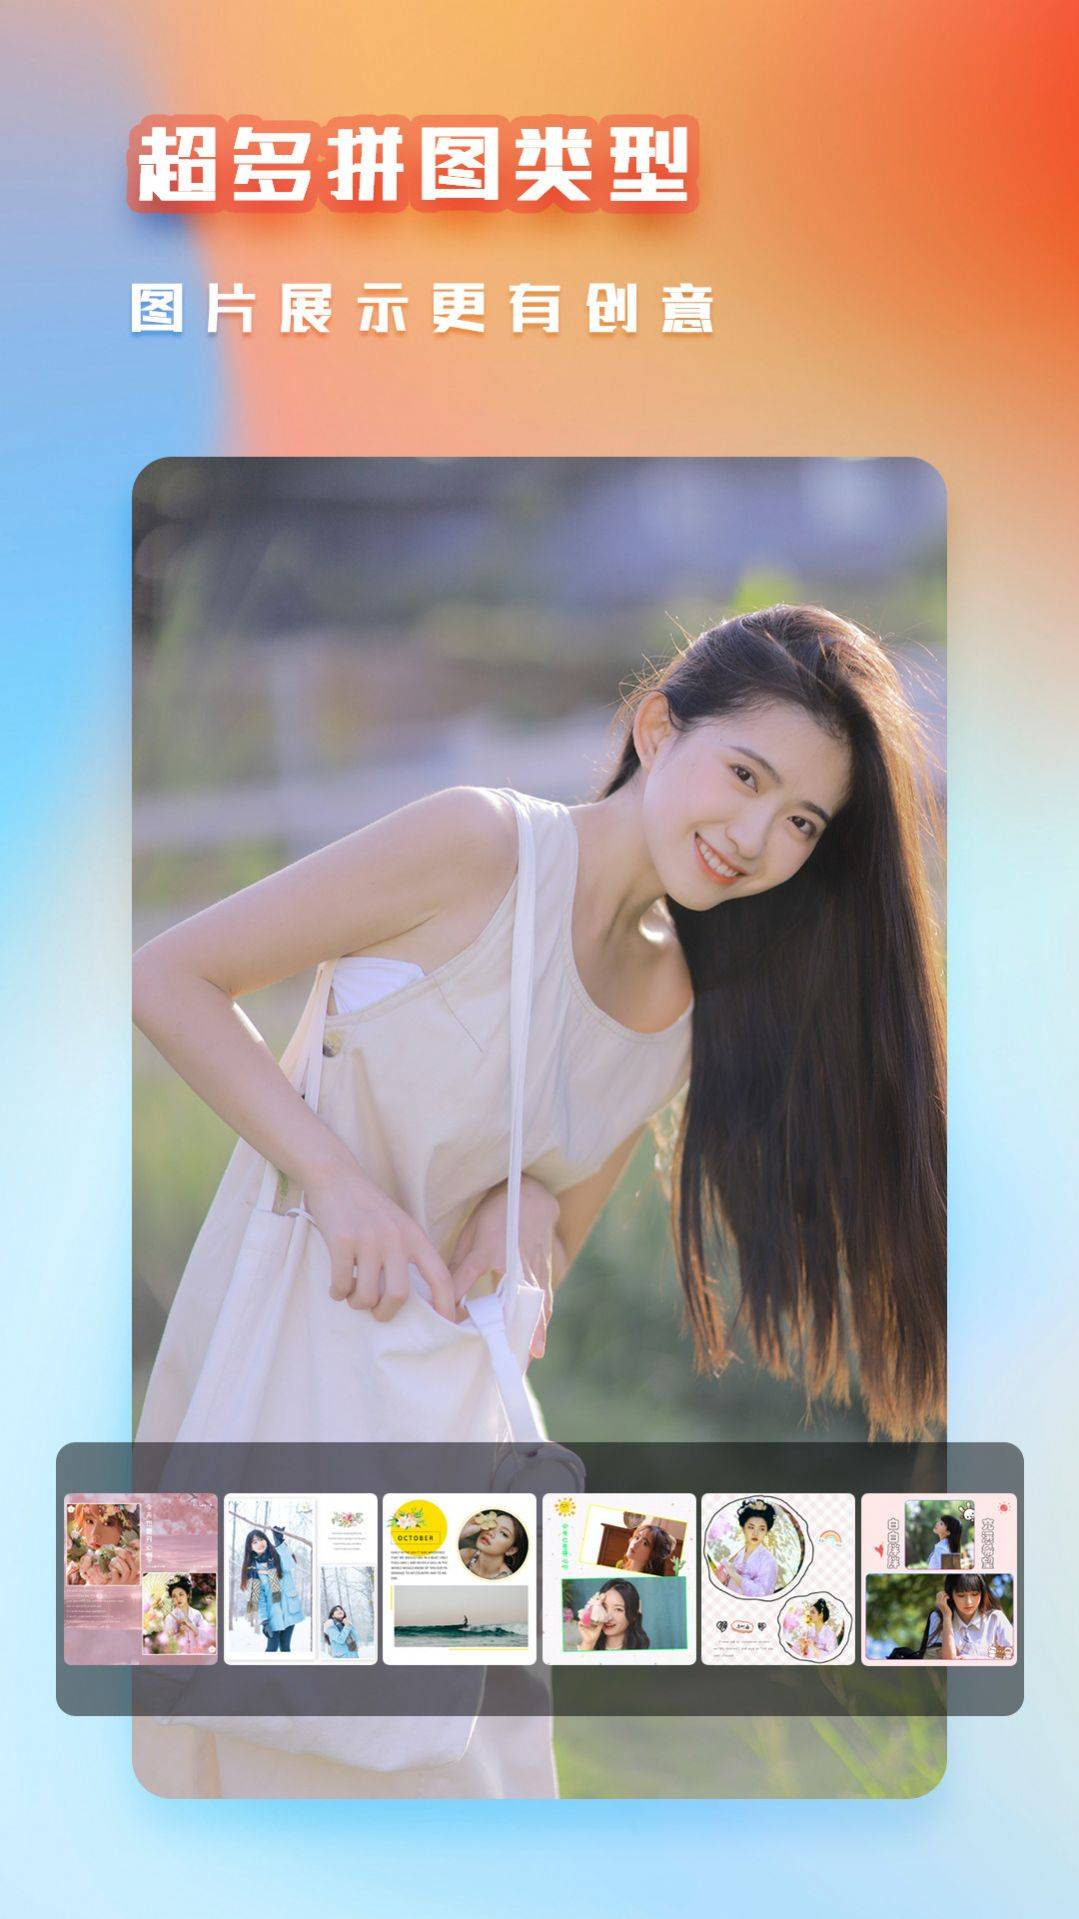 美颜萌自拍相机APP安卓版截图